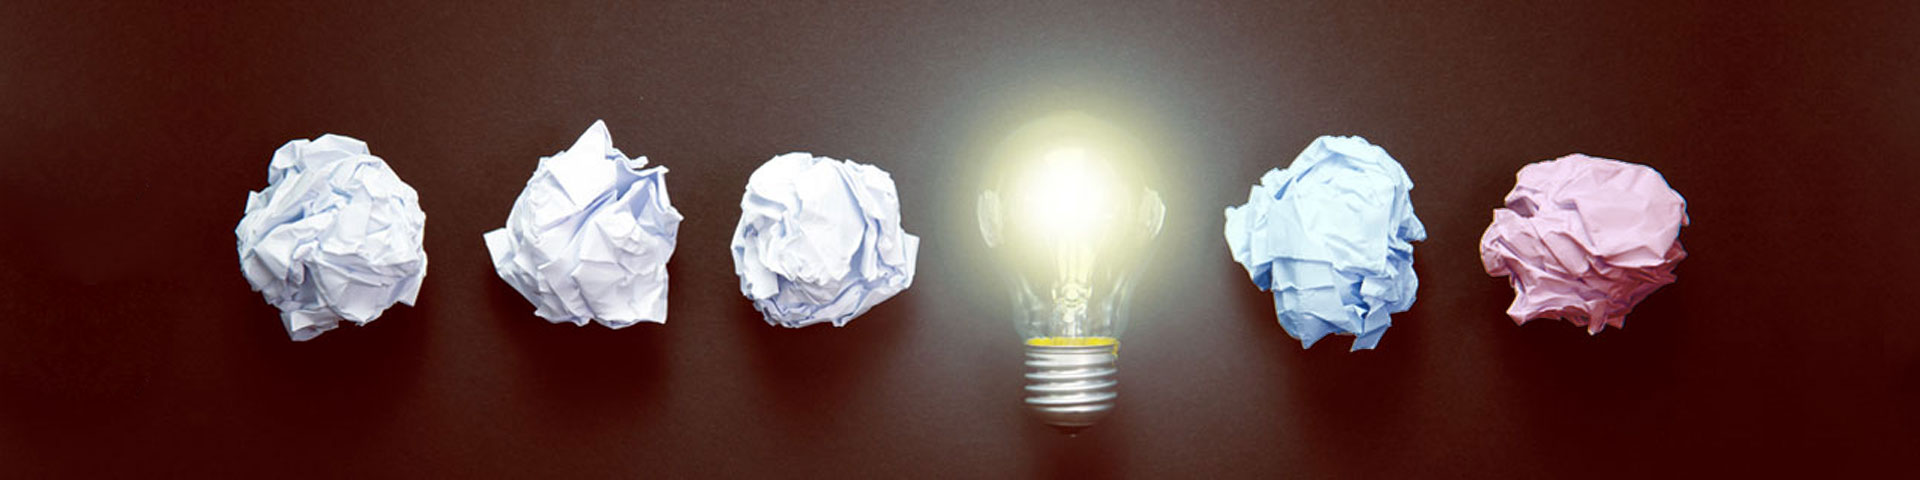 Glühbirne mit Papierkugeln